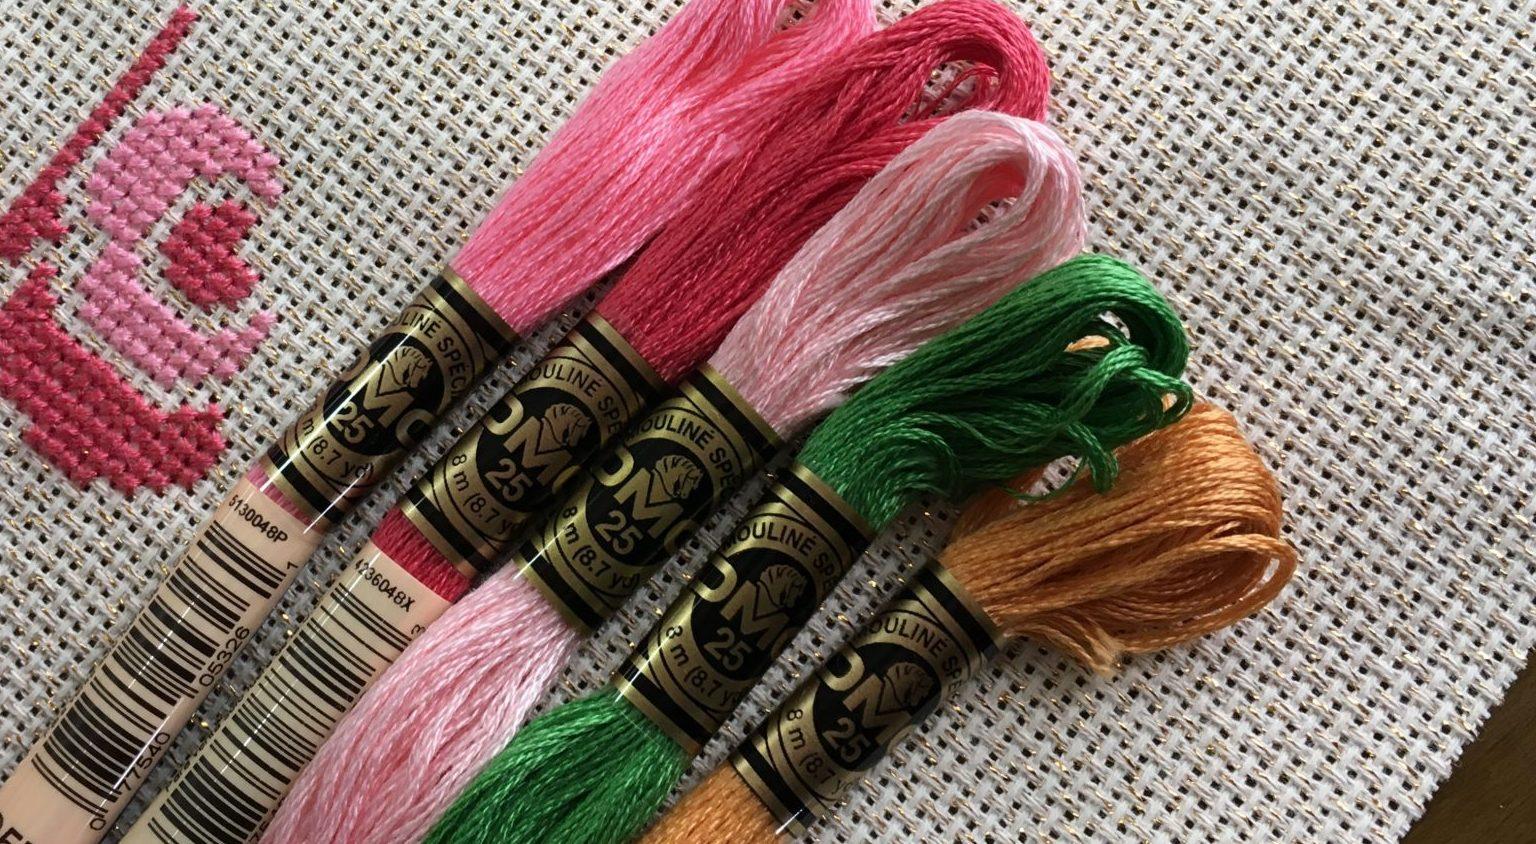 刺繍糸を束から取り出す時の絡まないスマートな方法